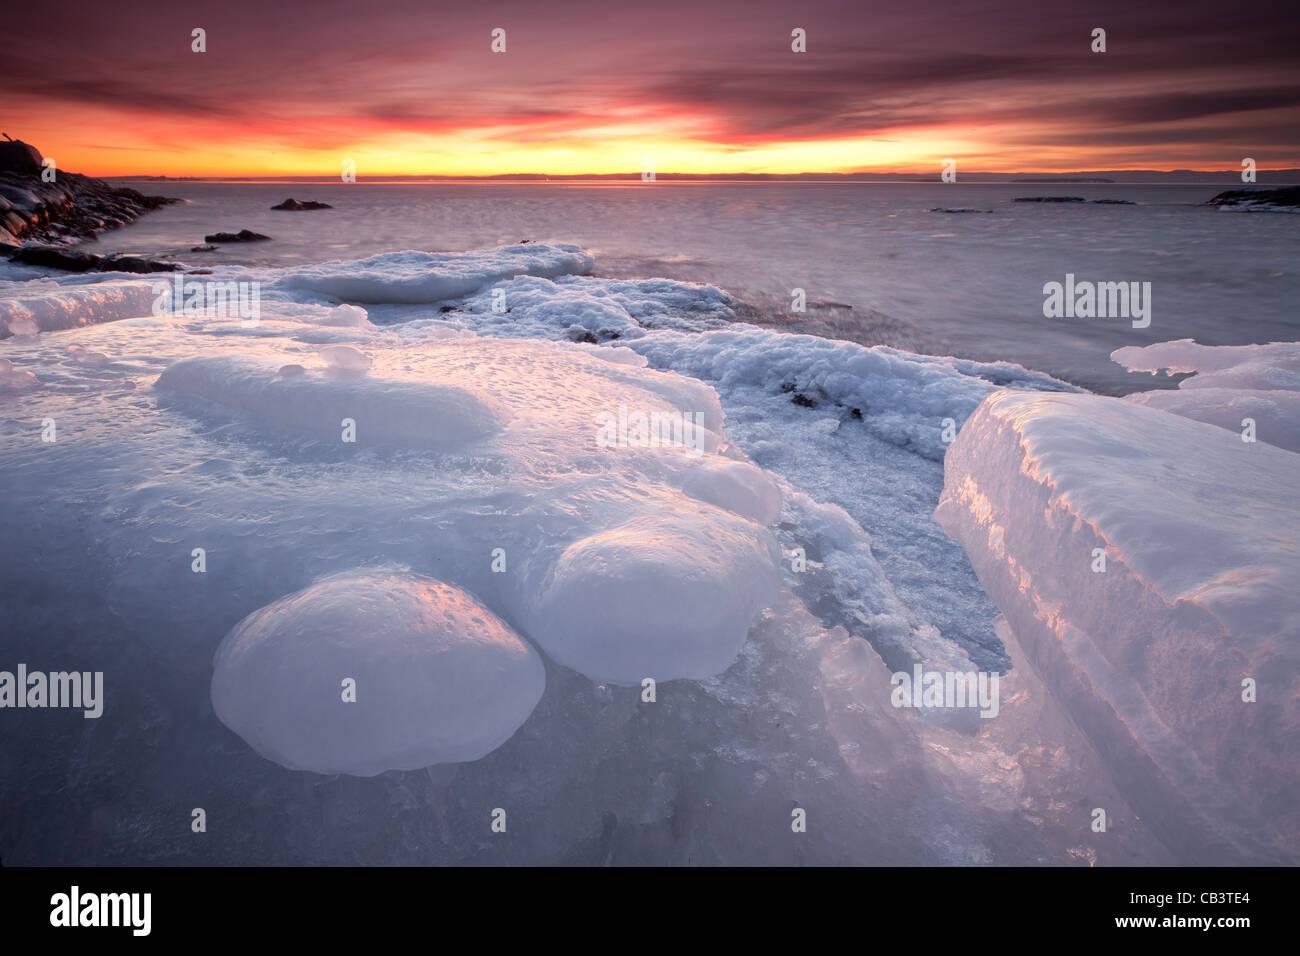 Colorida tarde y formaciones de hielo en Nîmes en la isla Jeløy, Moss kommune, Østfold fylke, Noruega. Imagen De Stock